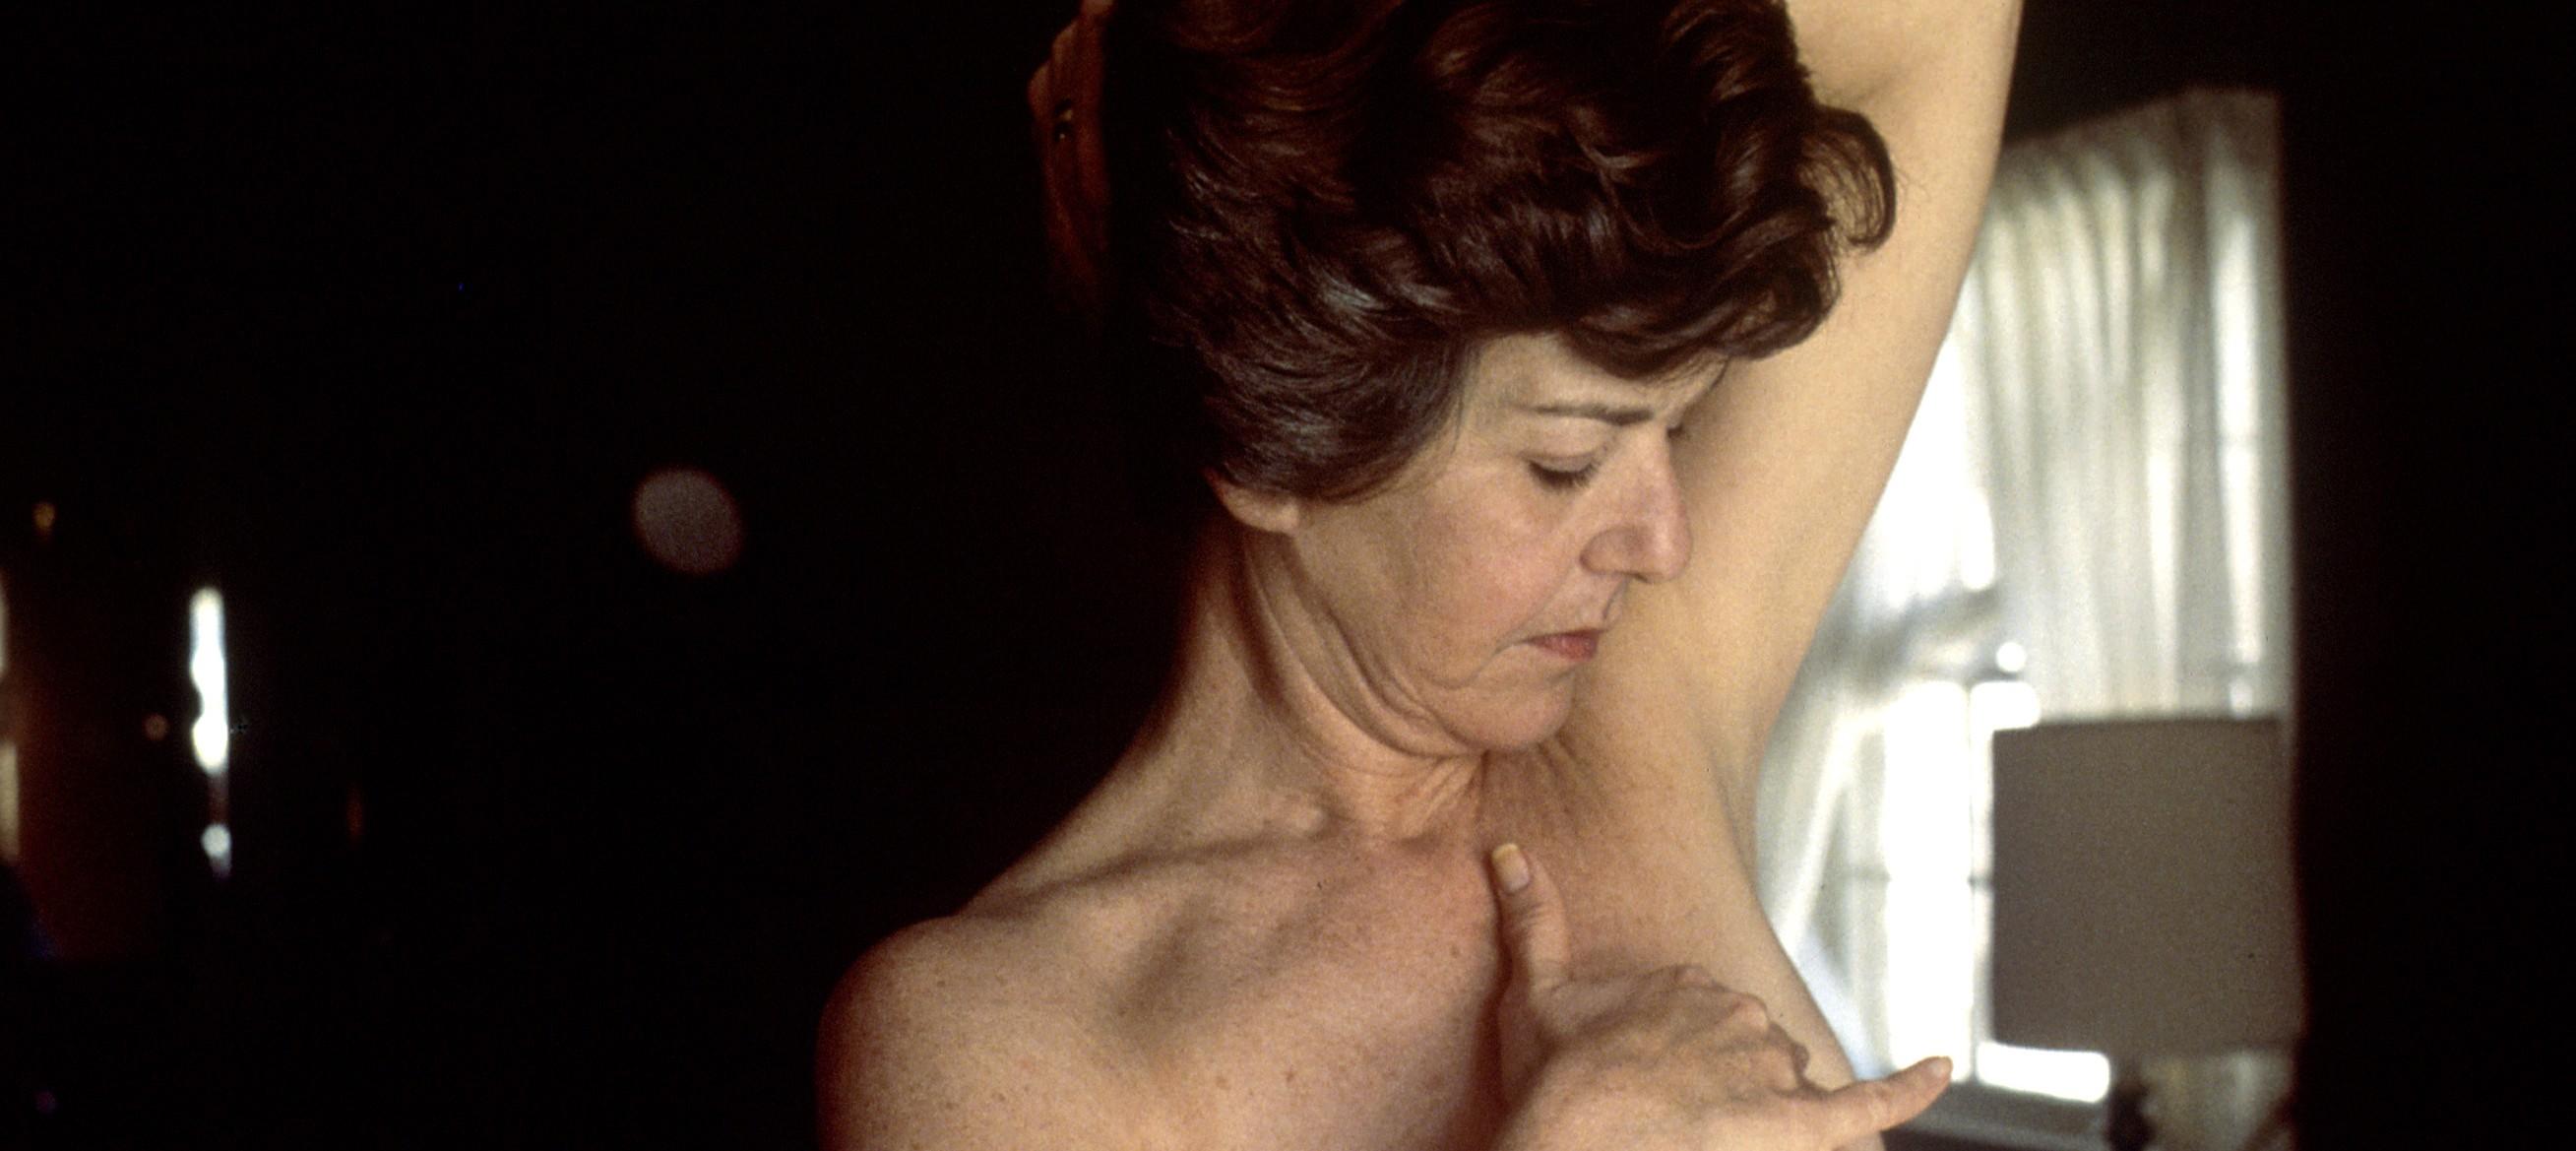 Com um autoexame simples, é possível prevenir o câncer de mama com maior facilidade (Foto: Wikimedia/Linda Bartlett)